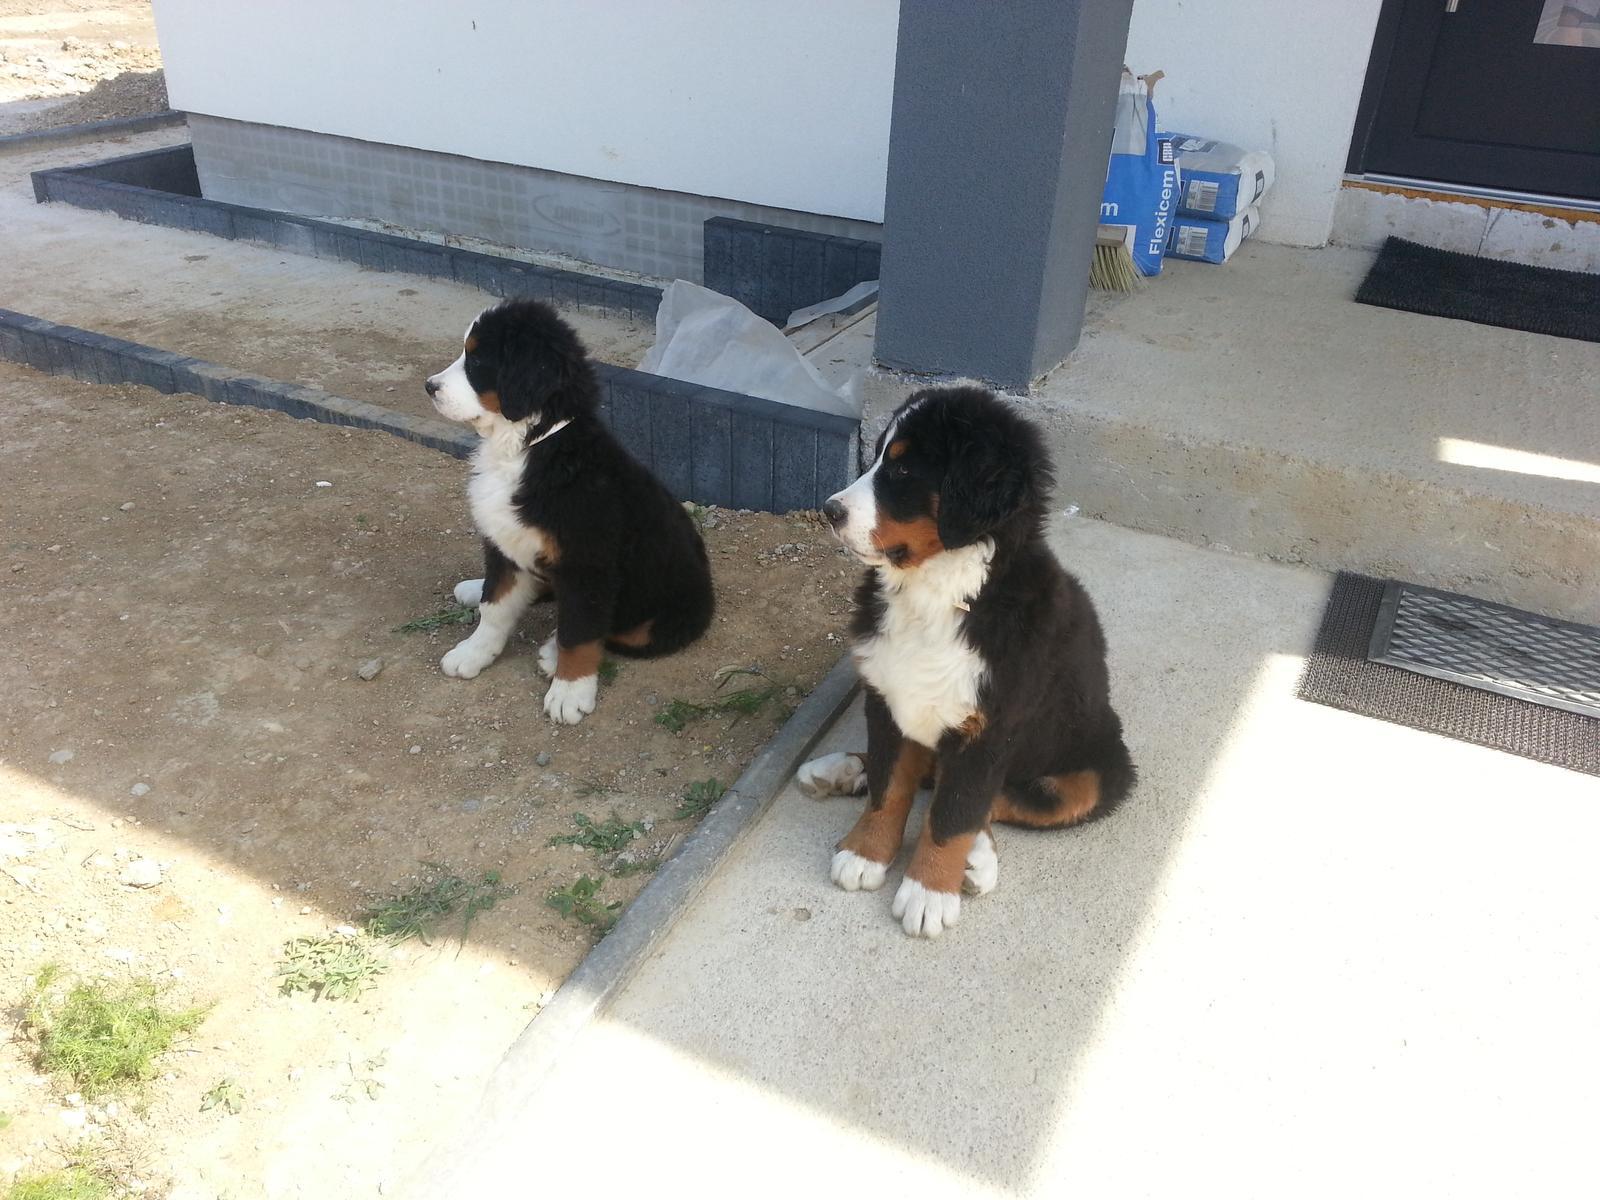 Nas zverinec - dve fenky,jeden pes a dvaja kocurikovia - dve fenky KIARA a SARA